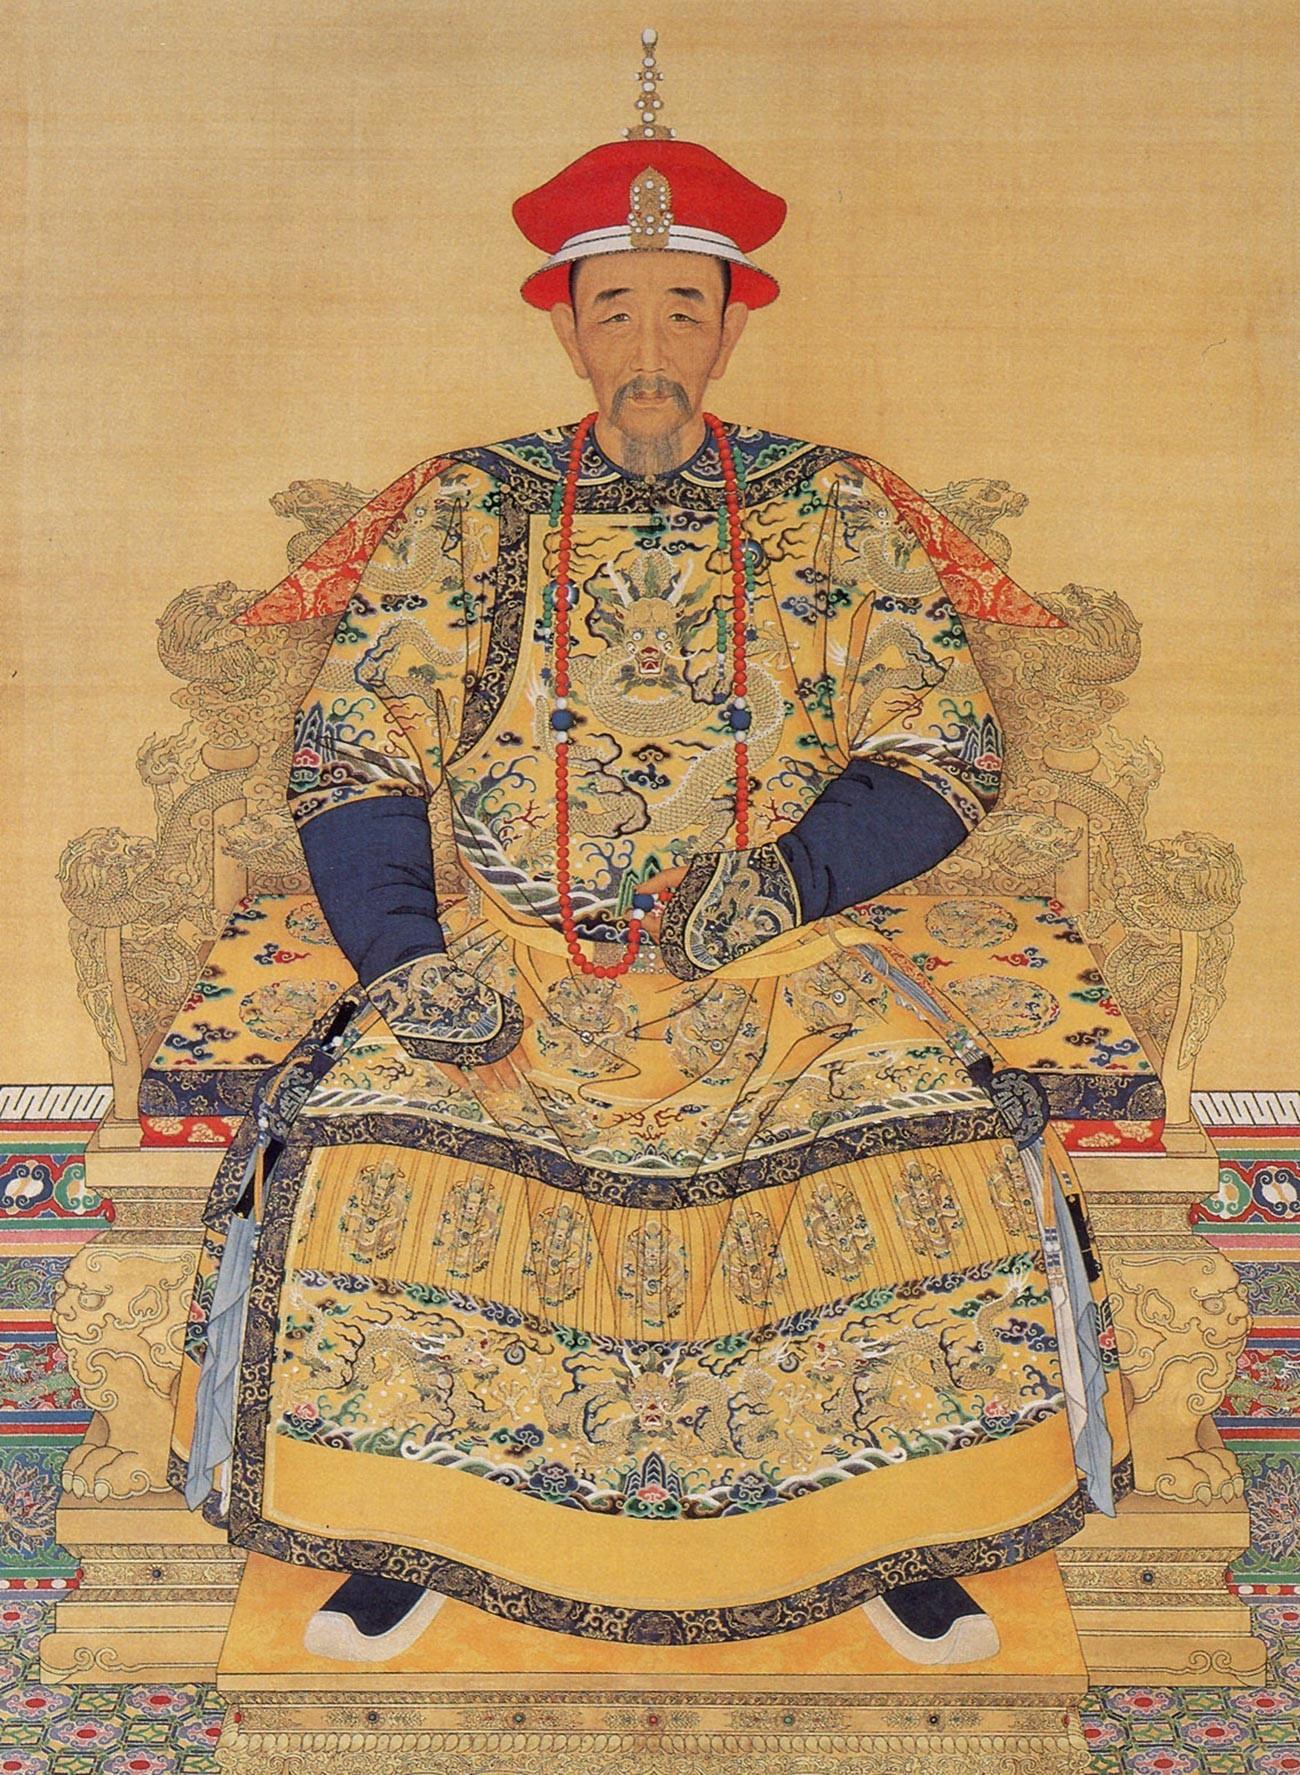 L'imperatore Kangxi, il quarto imperatore della dinastia Qing